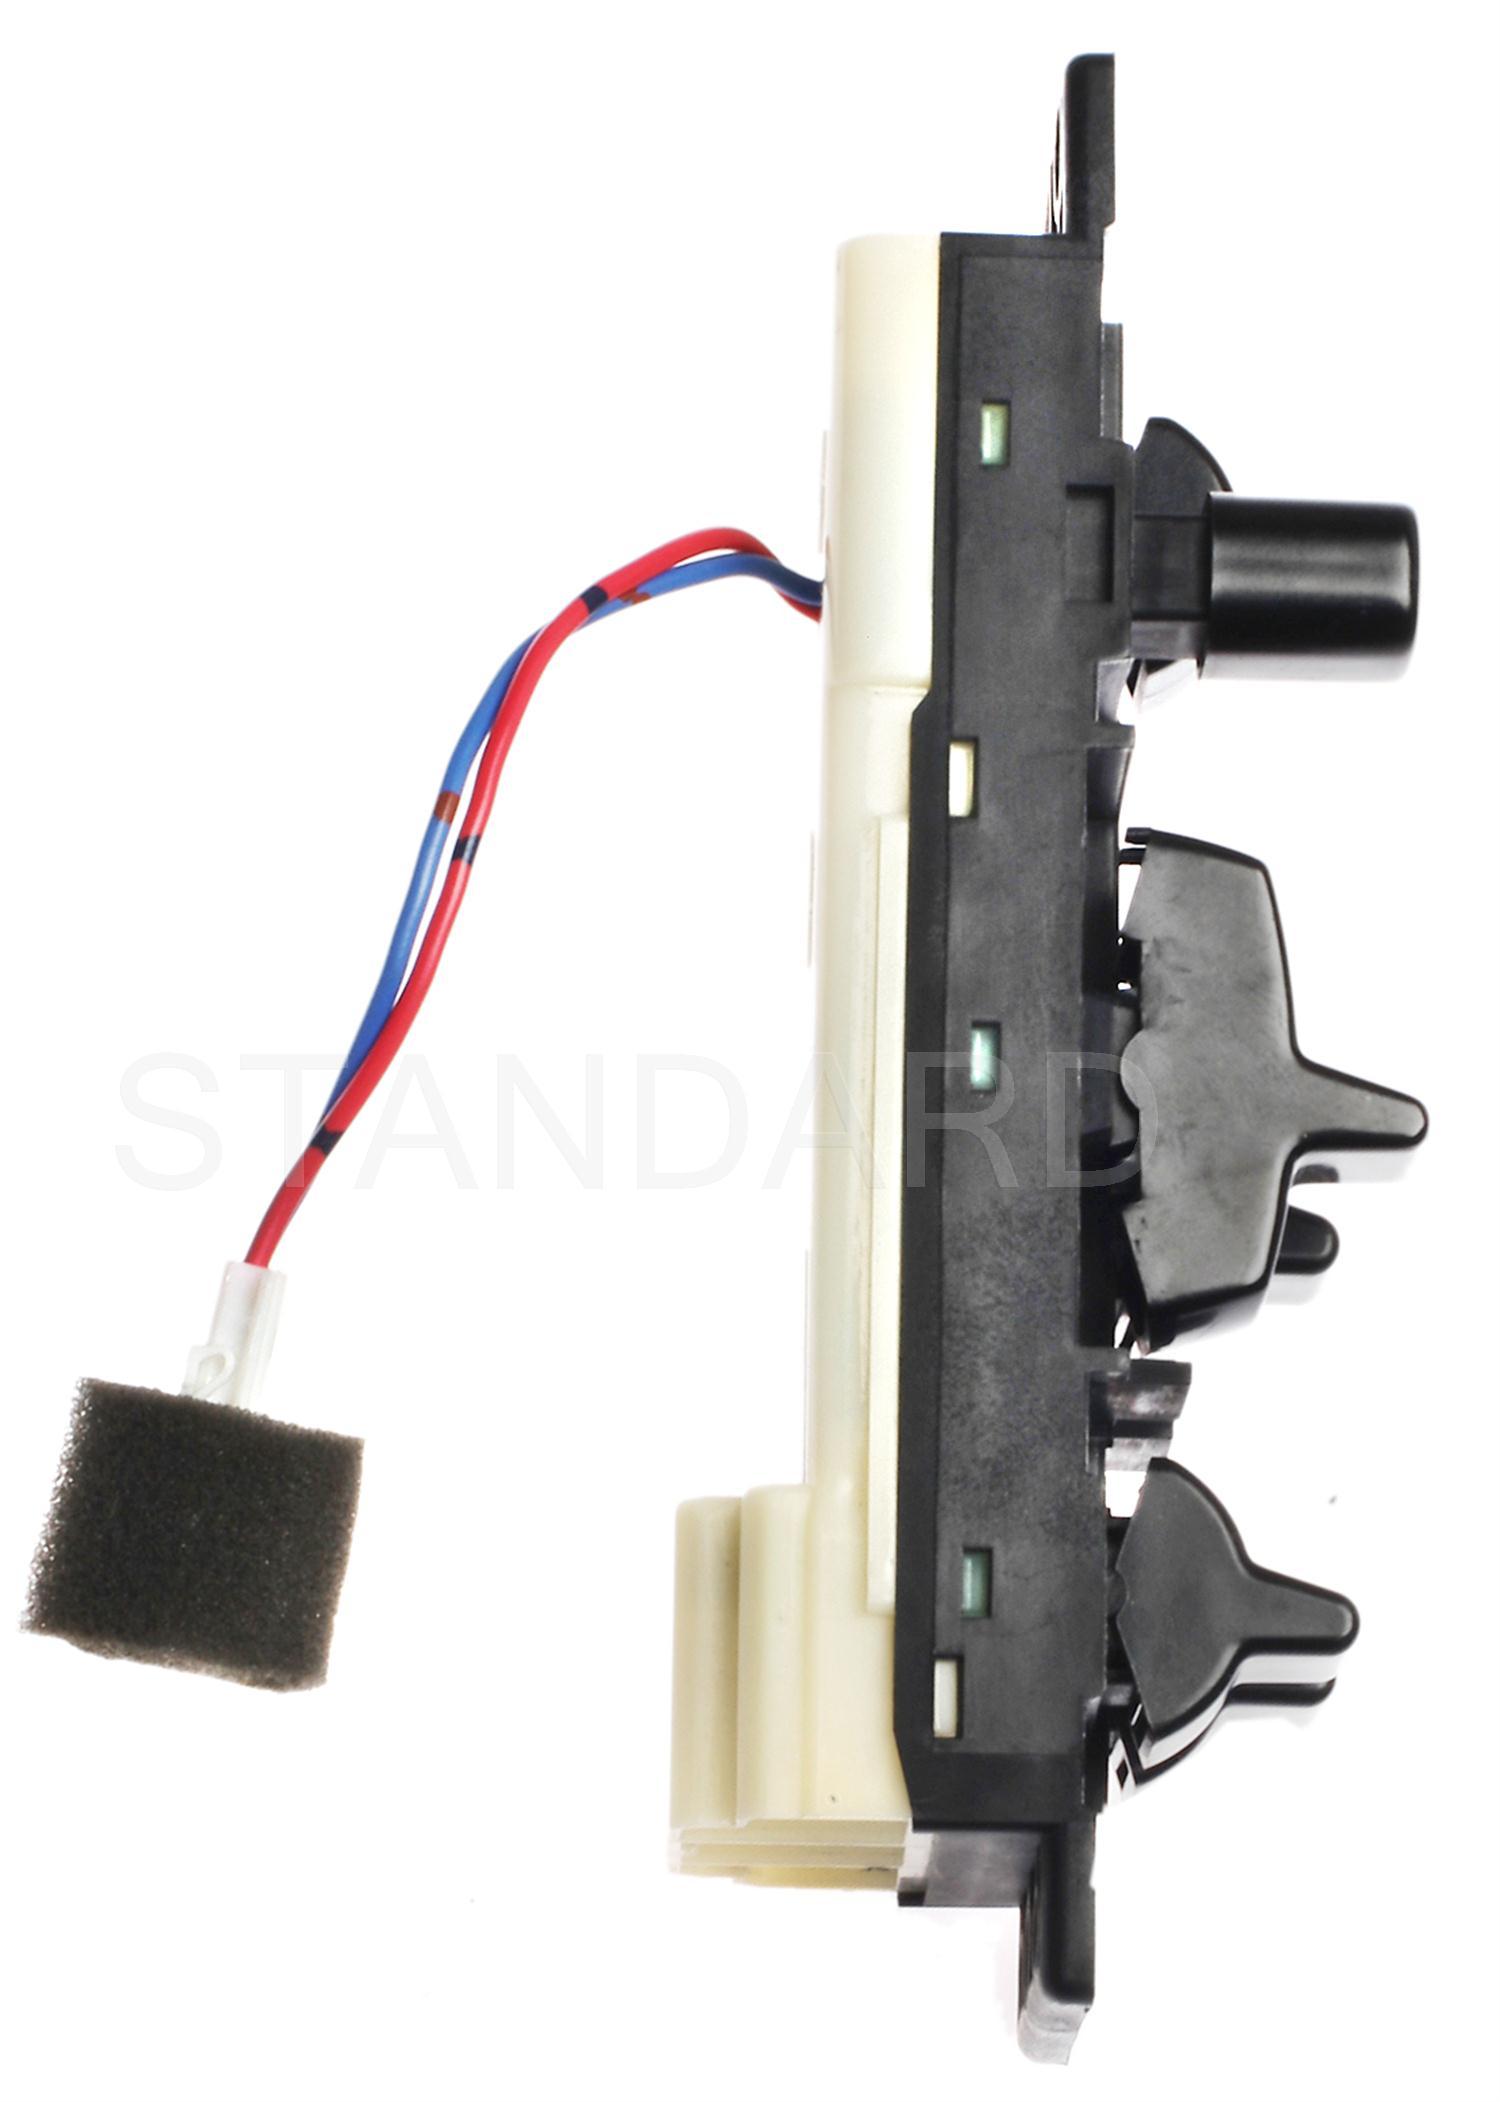 Imagen de Interruptor de vidrio eléctrico de la puerta para Nissan Stanza 1990 1991 1992 Marca STANDARD MOTOR Número de Parte DWS-1159